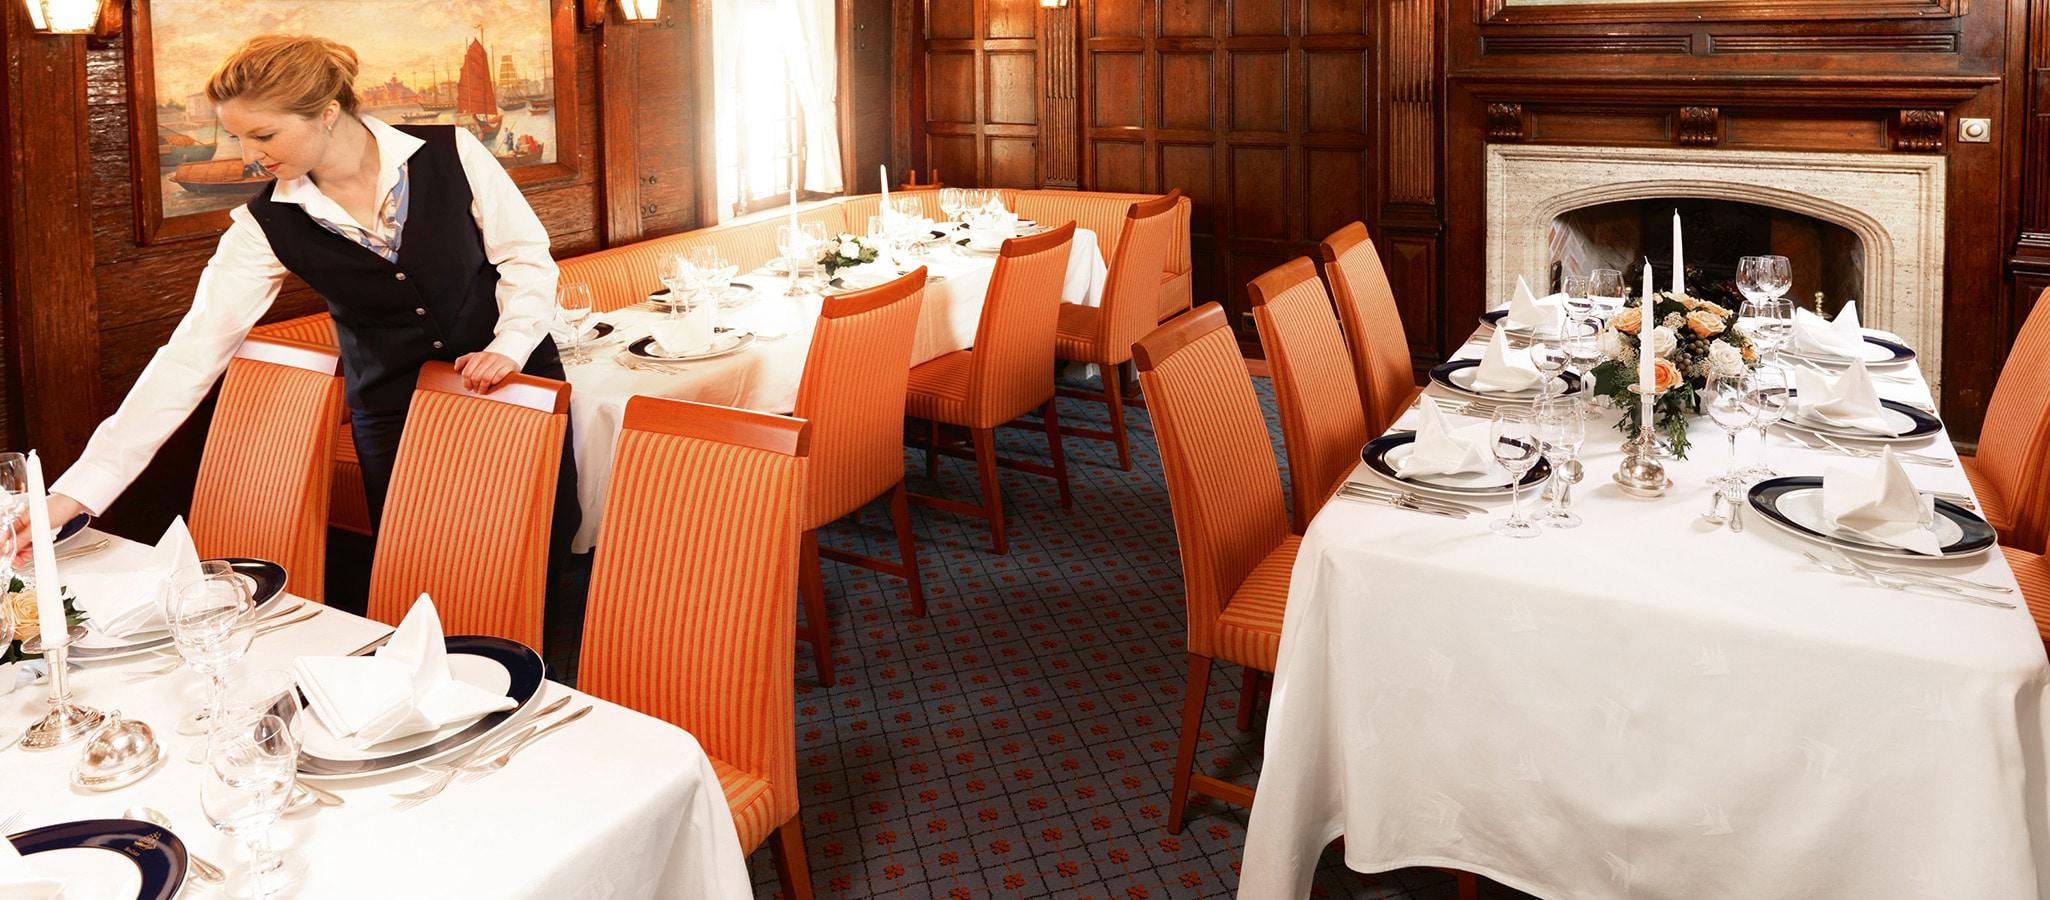 Auch die Restaurants sind dann im Charme der damaligen Zeit gehalten. Ein angemessener Rahmen z.B. für Ihren Gala-Abend.